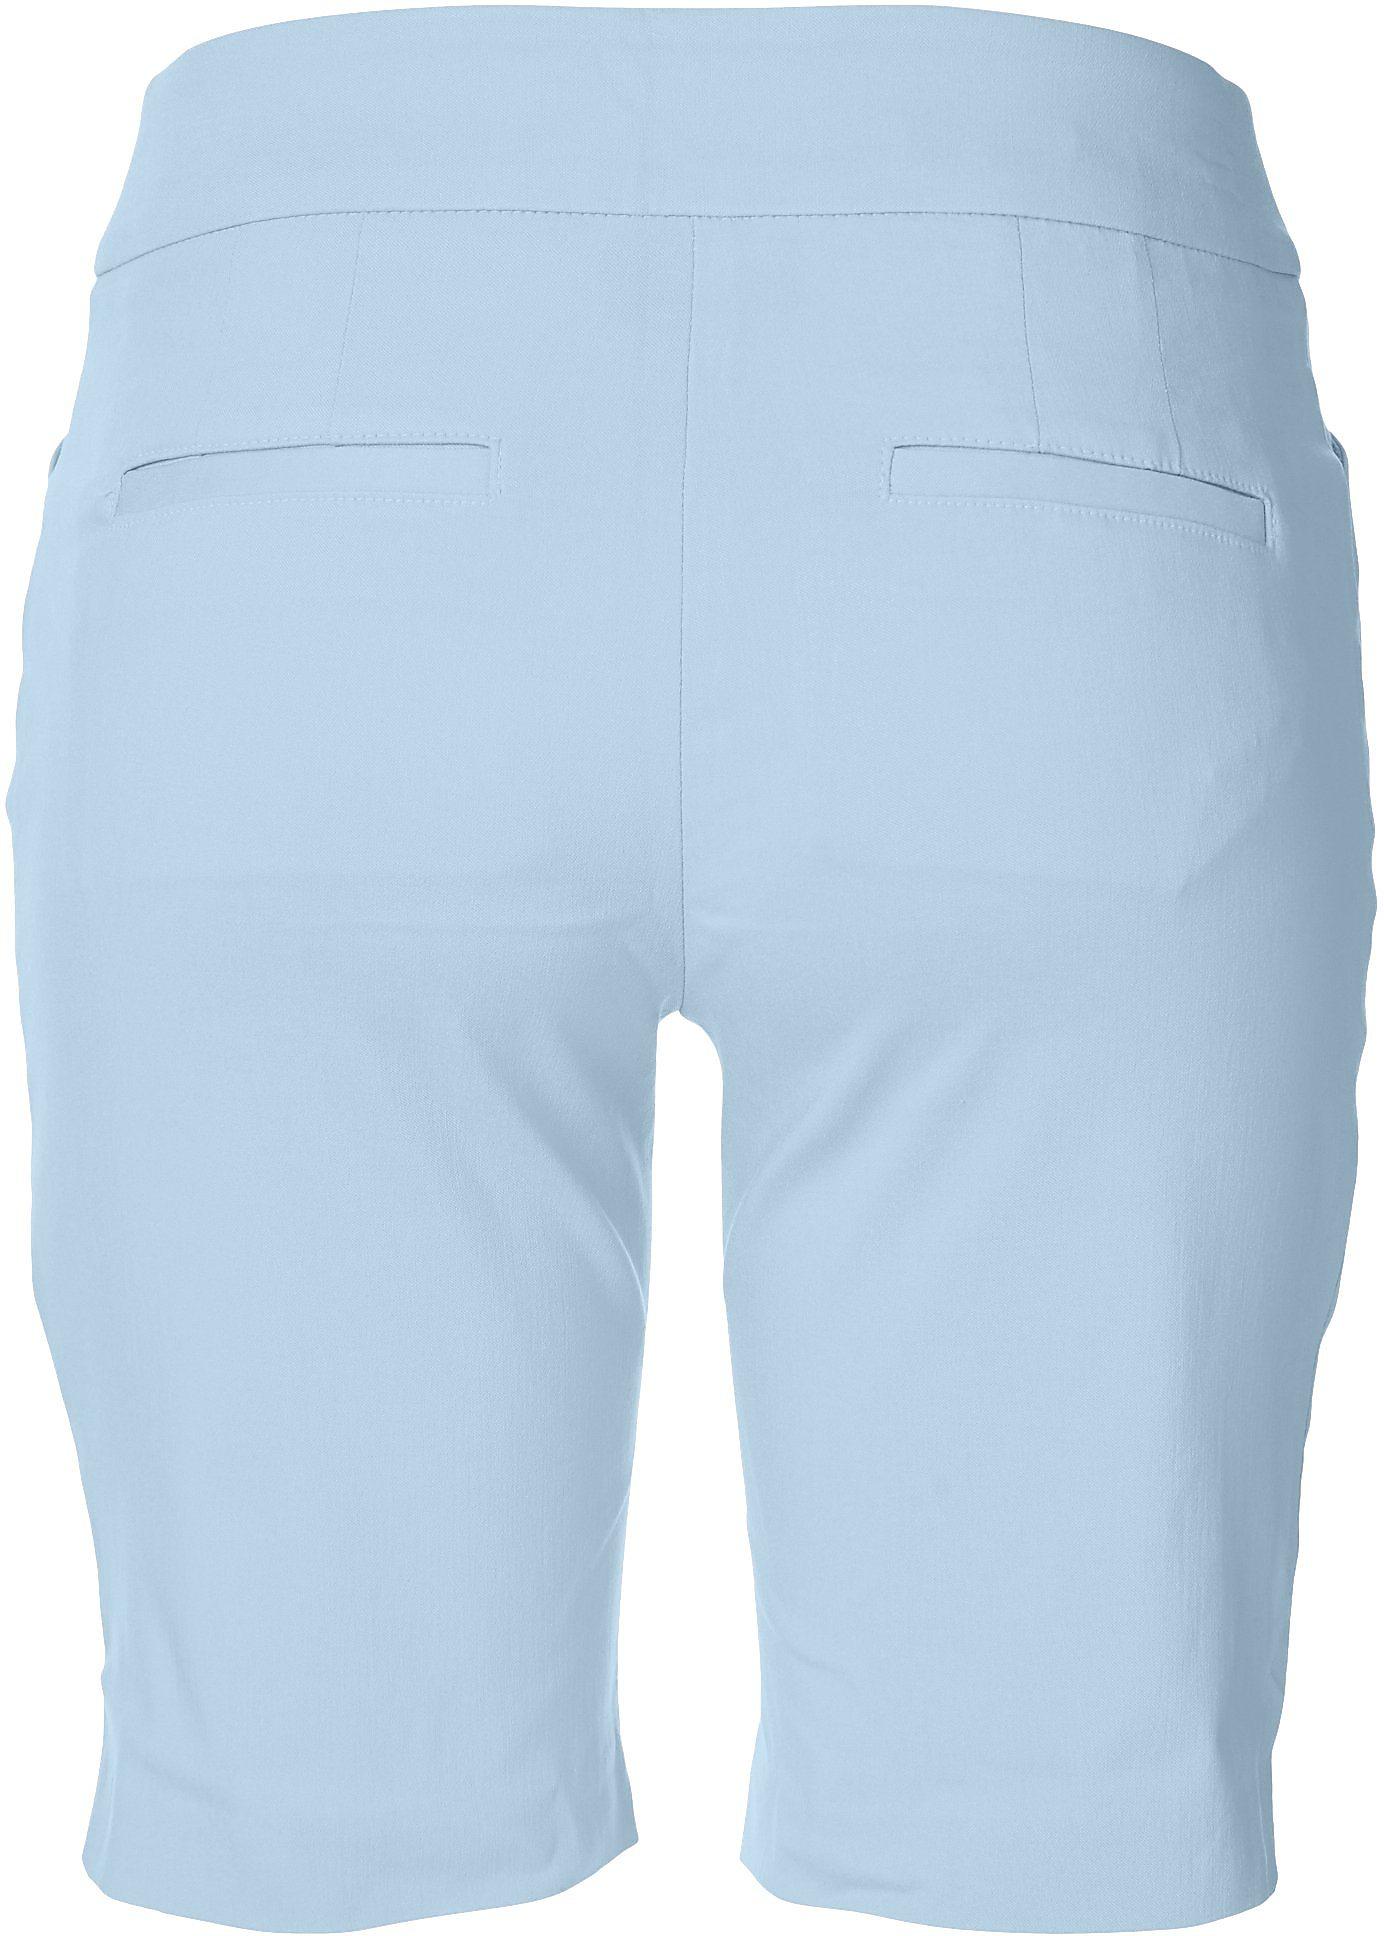 thumbnail 10 - ATTYRE Womens Solid Bermuda Shorts